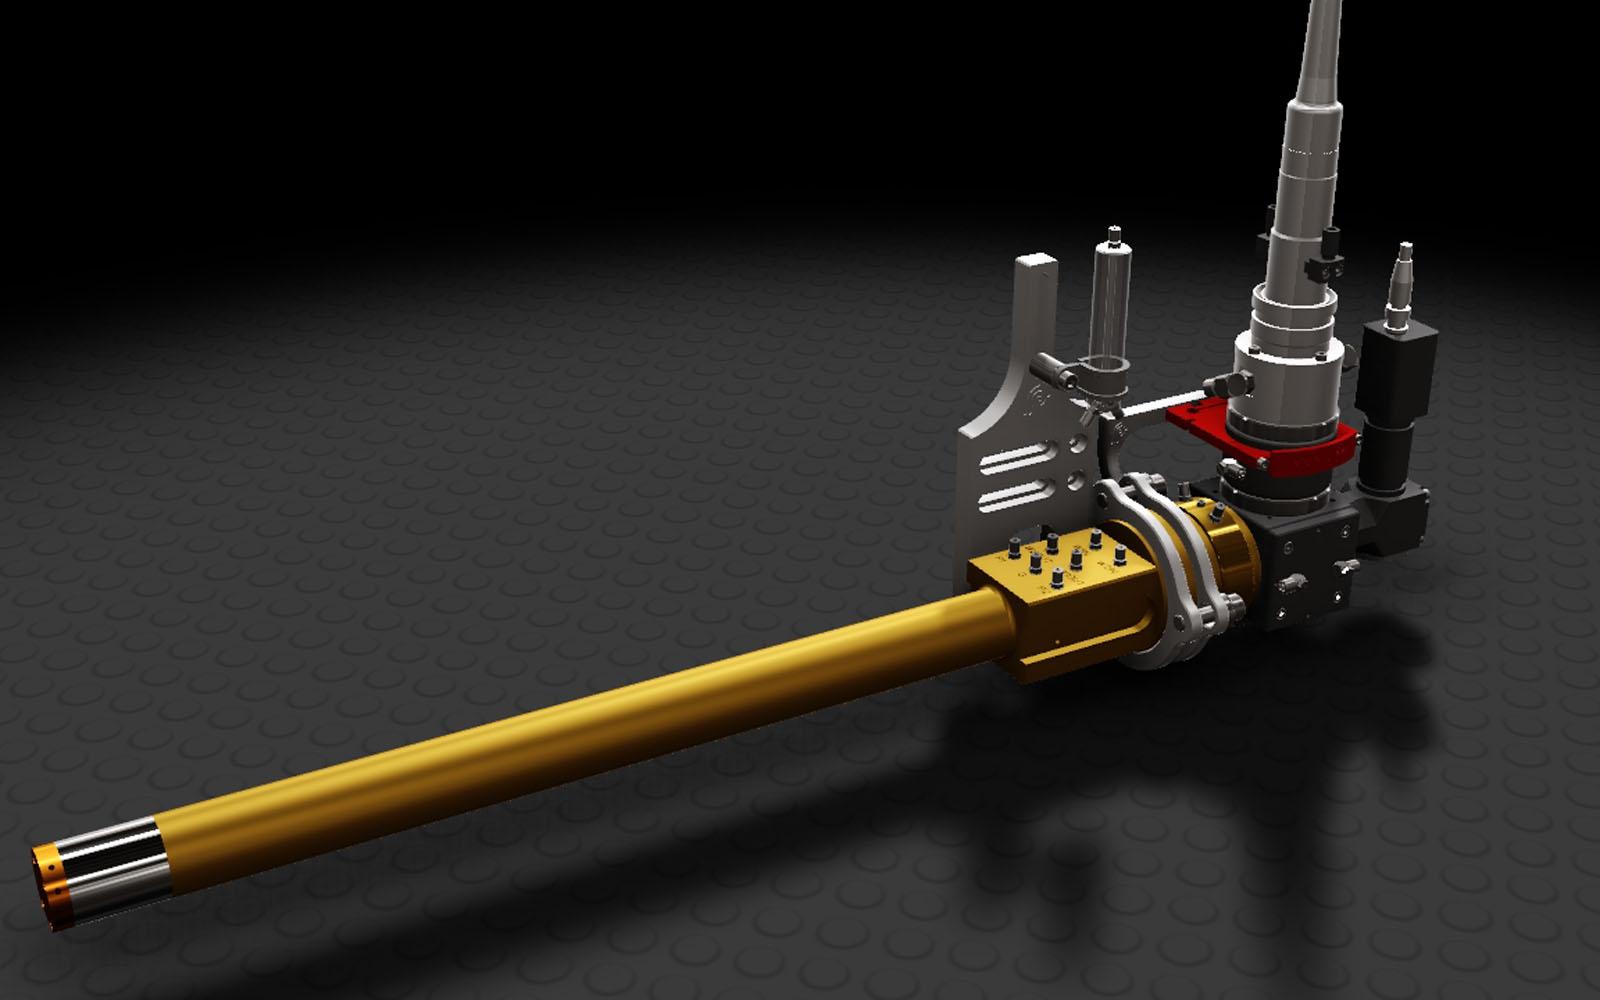 Conap CAD Konstruktionsbüro - CAD Modell einer Laserlanze